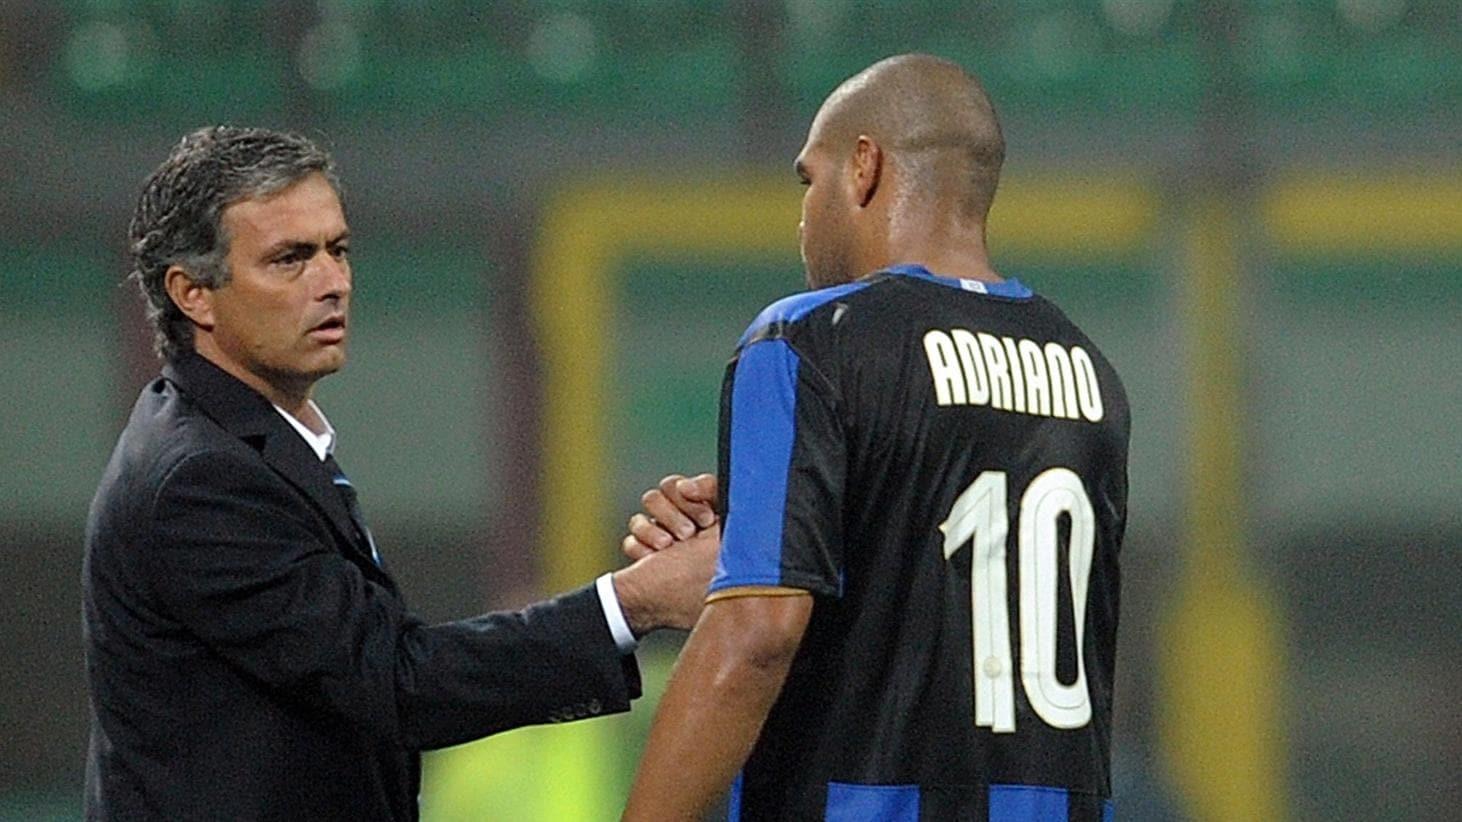 Adriano Mourinho